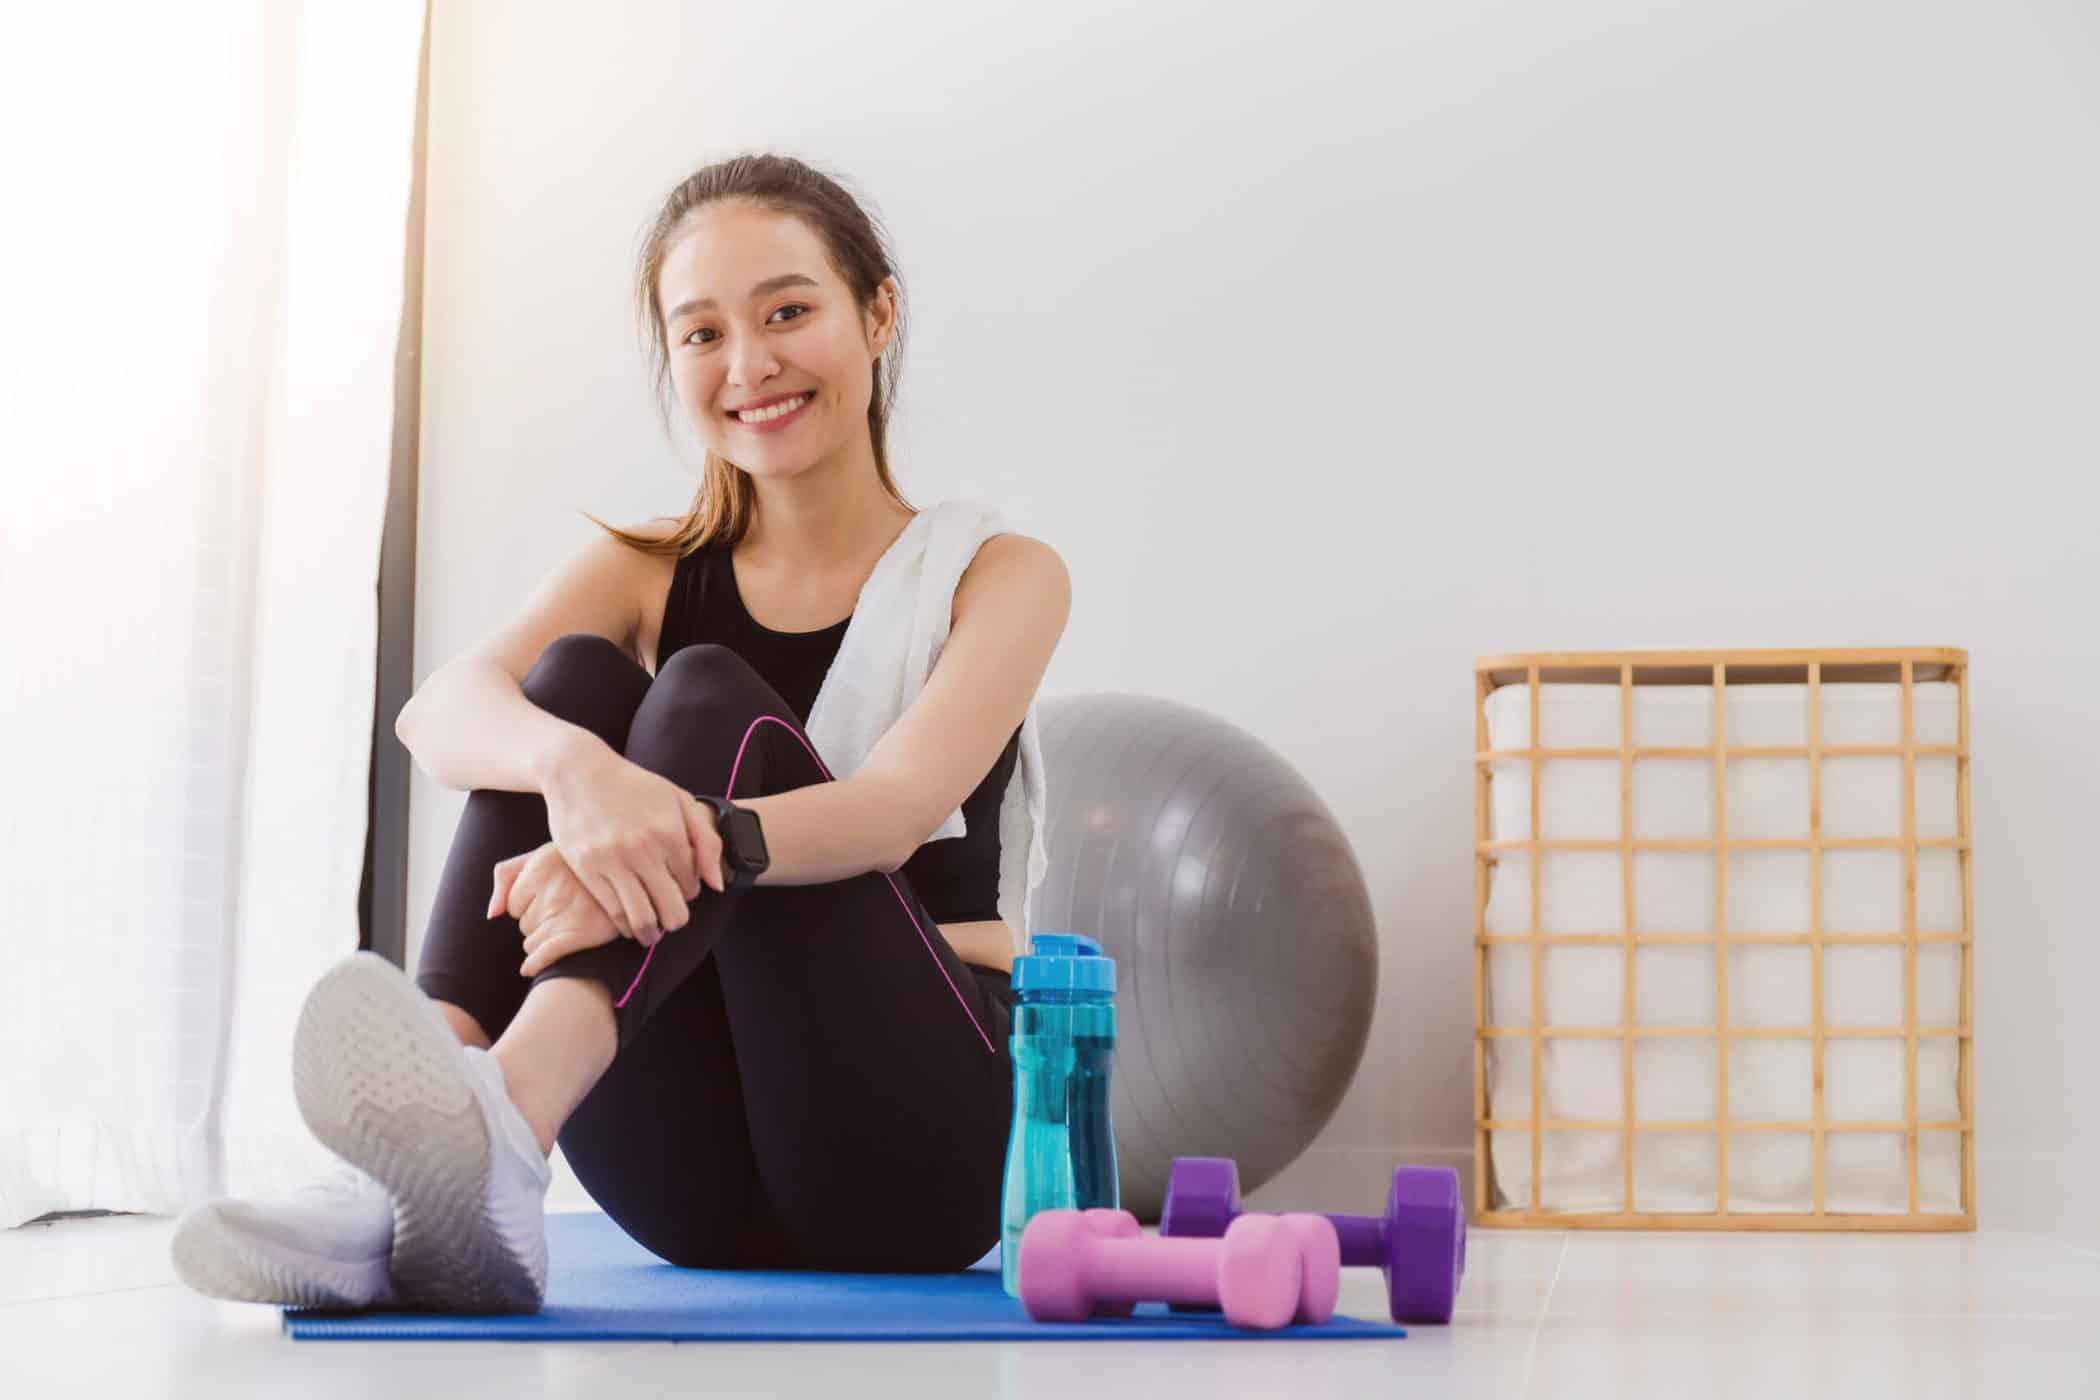 hoạt động thể chất giúp rèn luyện sự tập trung